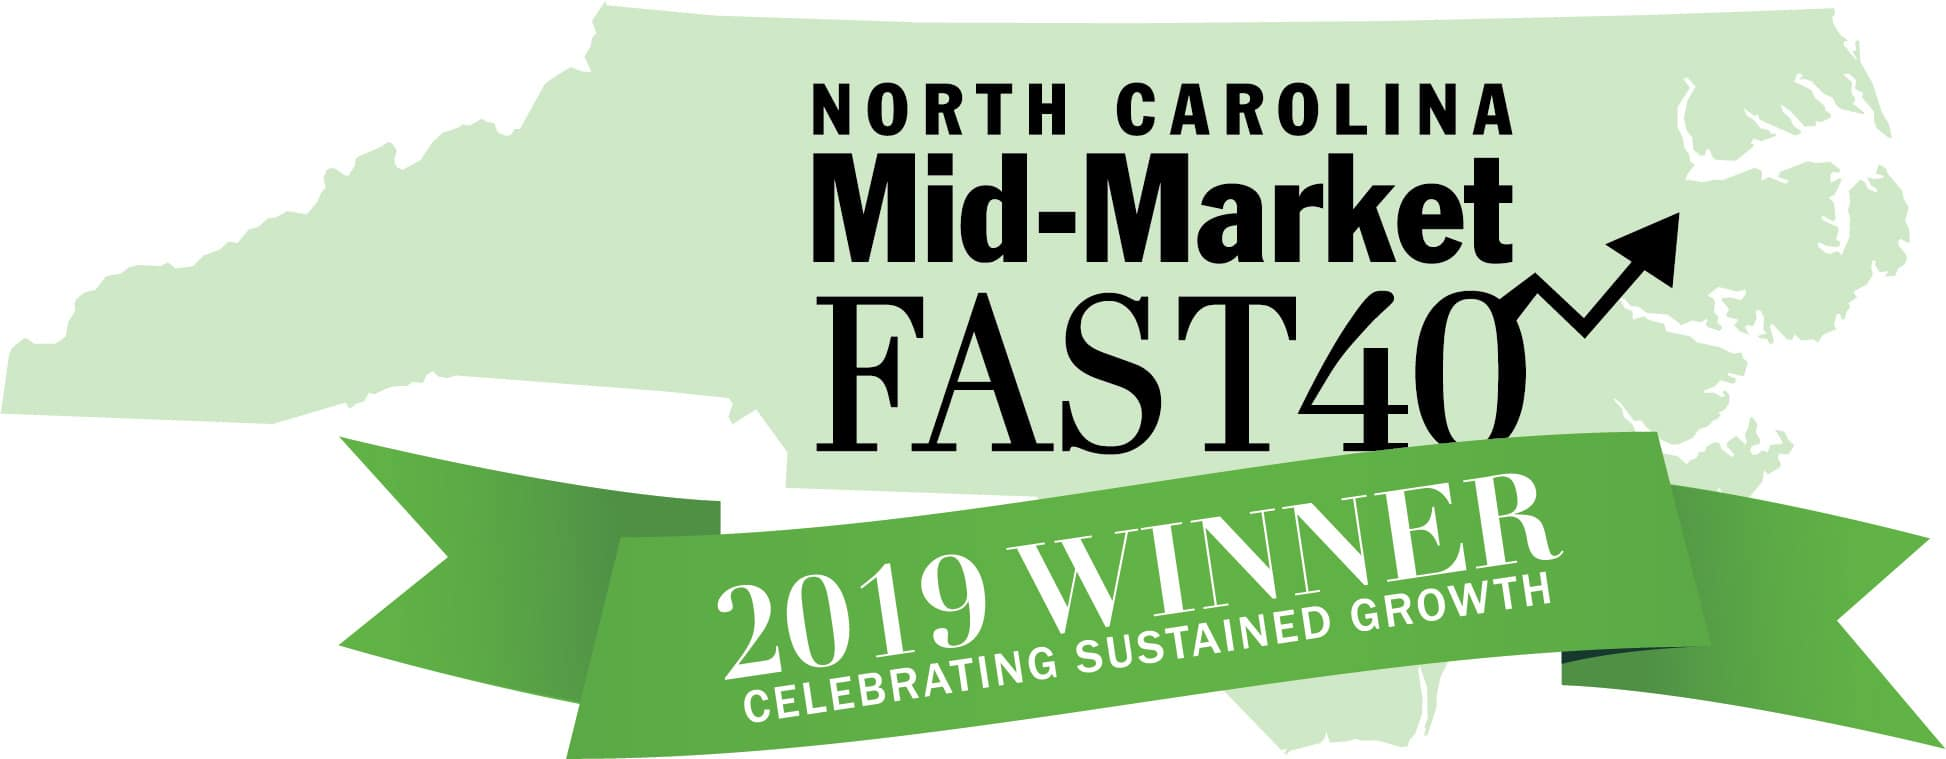 NC Mid-Market Fast 40 Award 2019